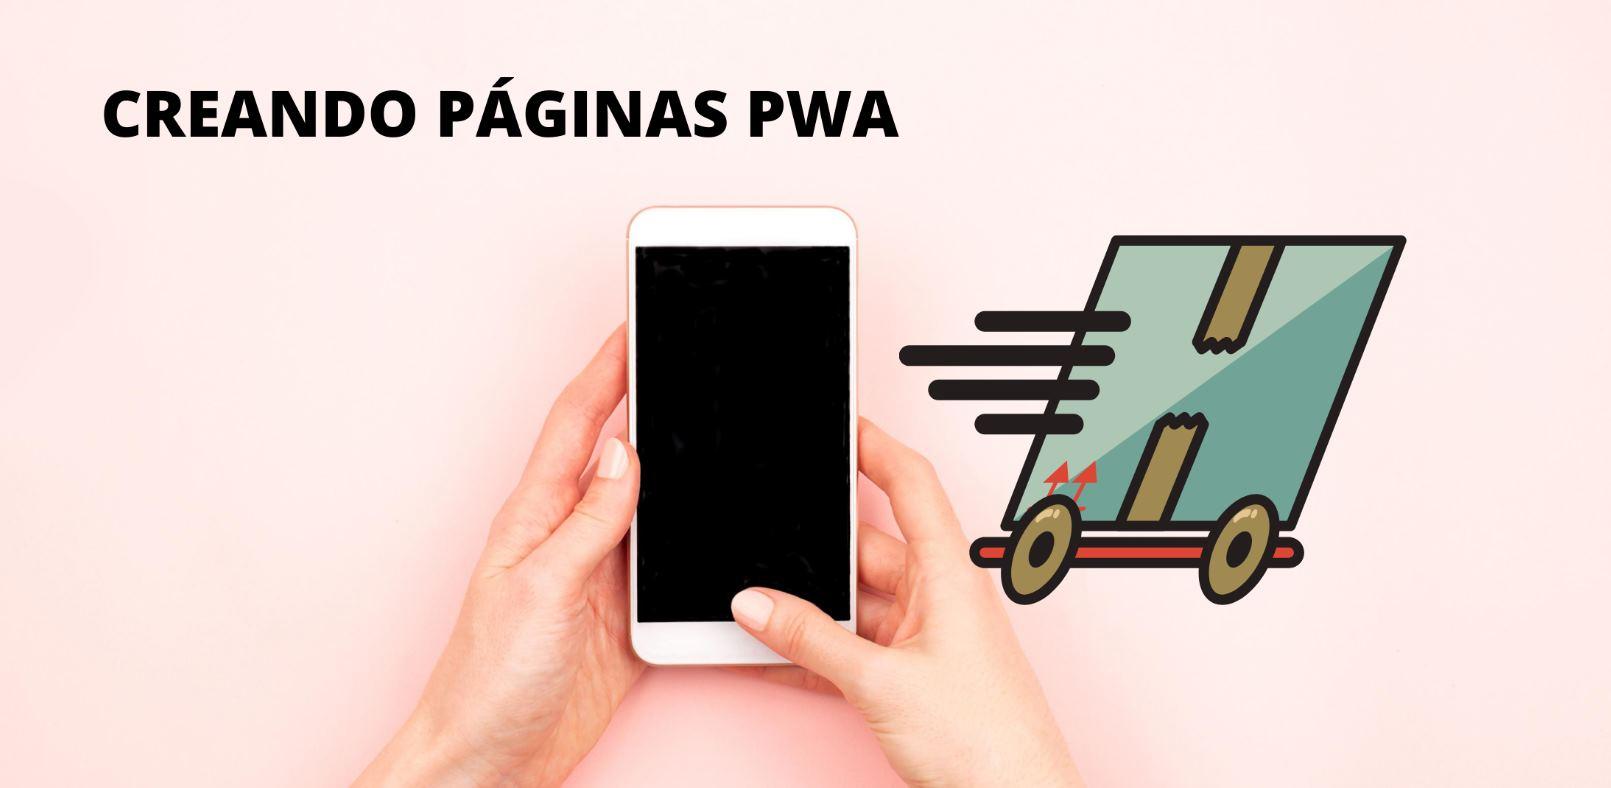 Cómo transformar tu web en PWA en pocos minutos